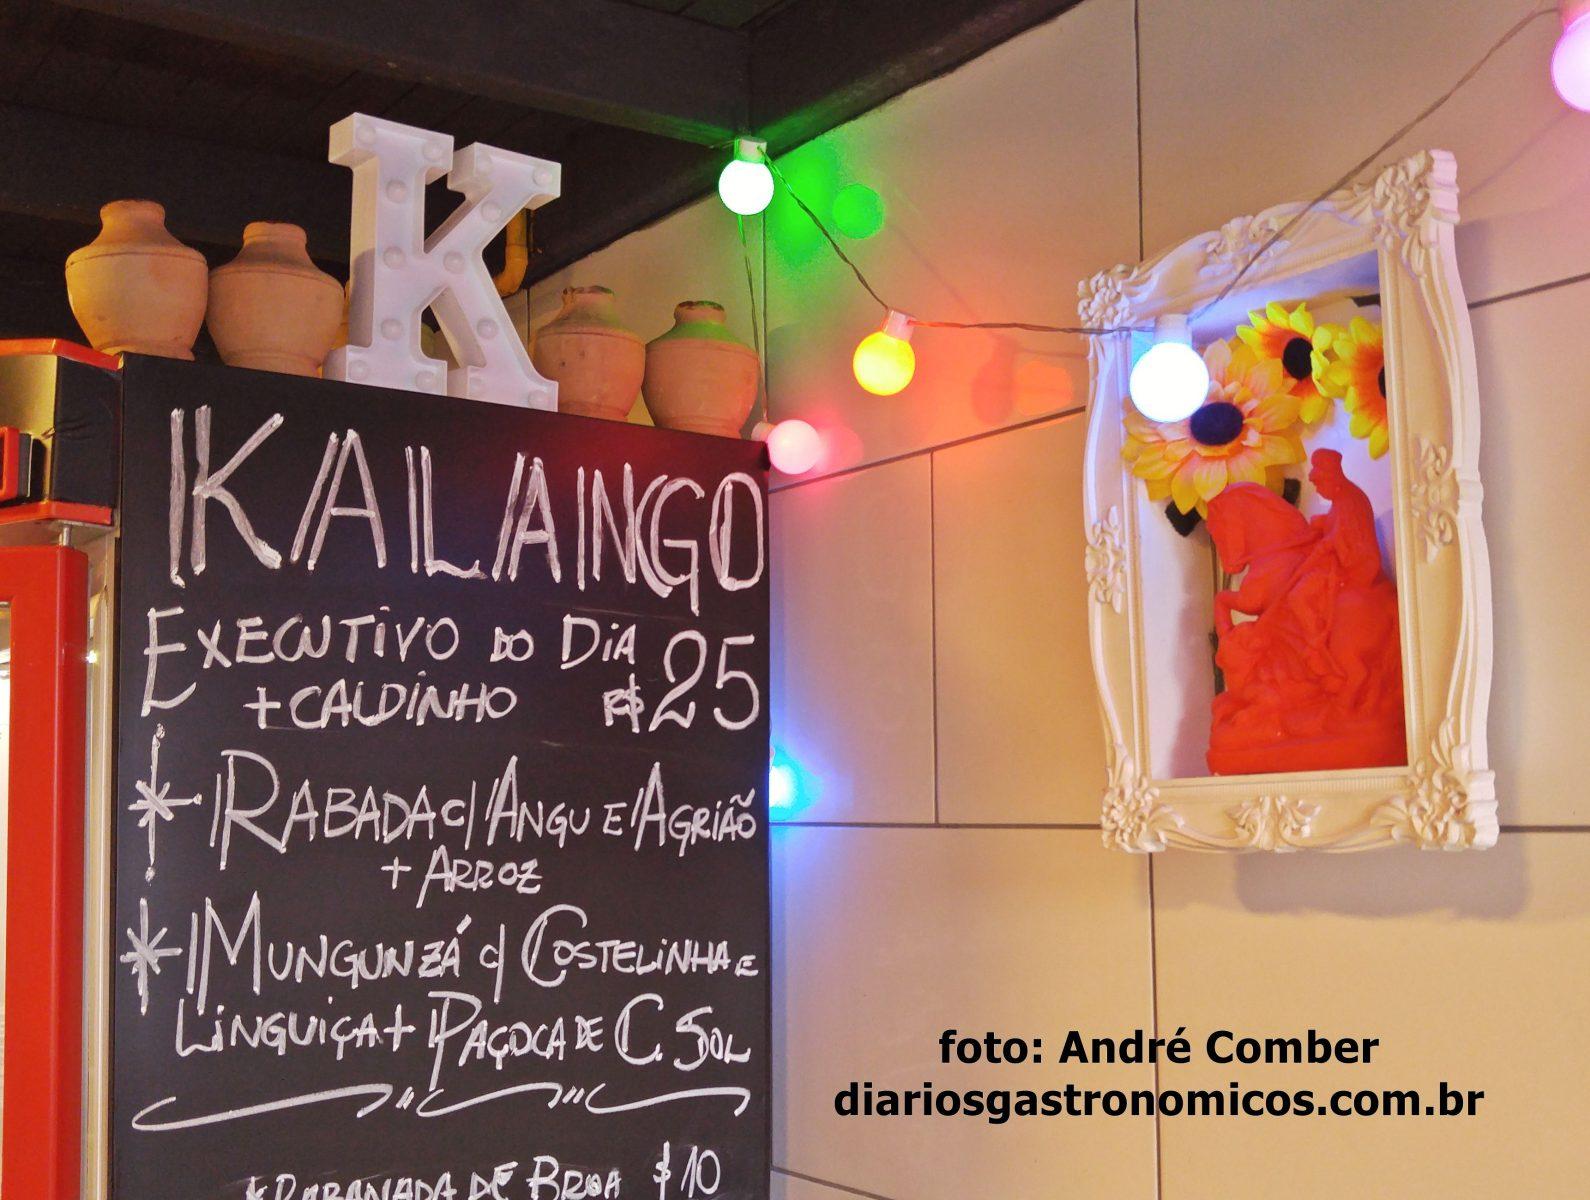 Bar Kalango, Praca da Bandeira